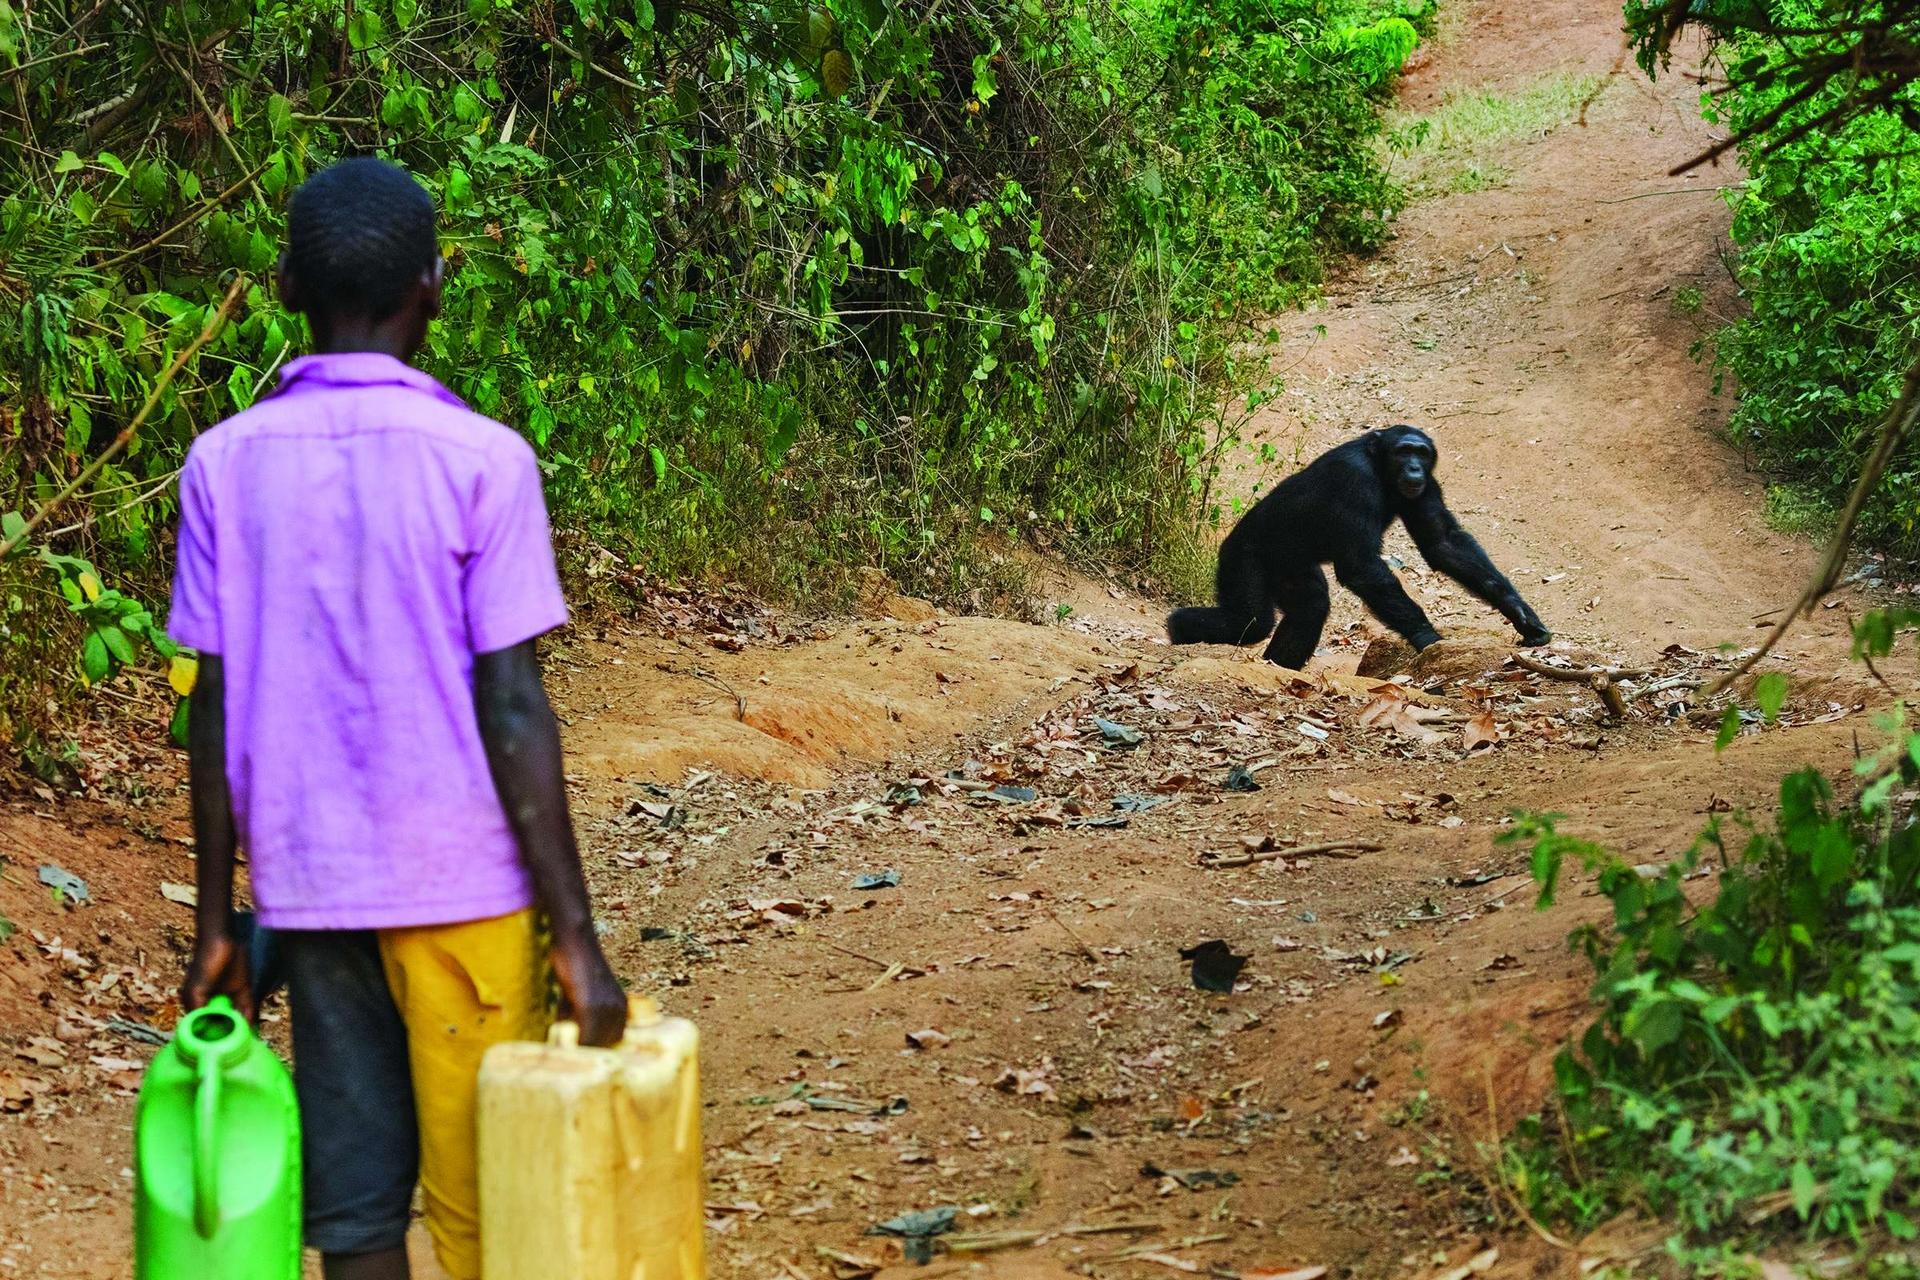 在姆帕拉加西村附近,打水的男孩在一隻黑猩猩經過時停下腳步。在烏干達西部,小群黑猩猩生活在僅存的小片森林中。由於少了野生食物,牠們在農作物與果樹間覓食,為了食物、空間和生存與人類競爭。 PHOTO: RONAN DONOVAN